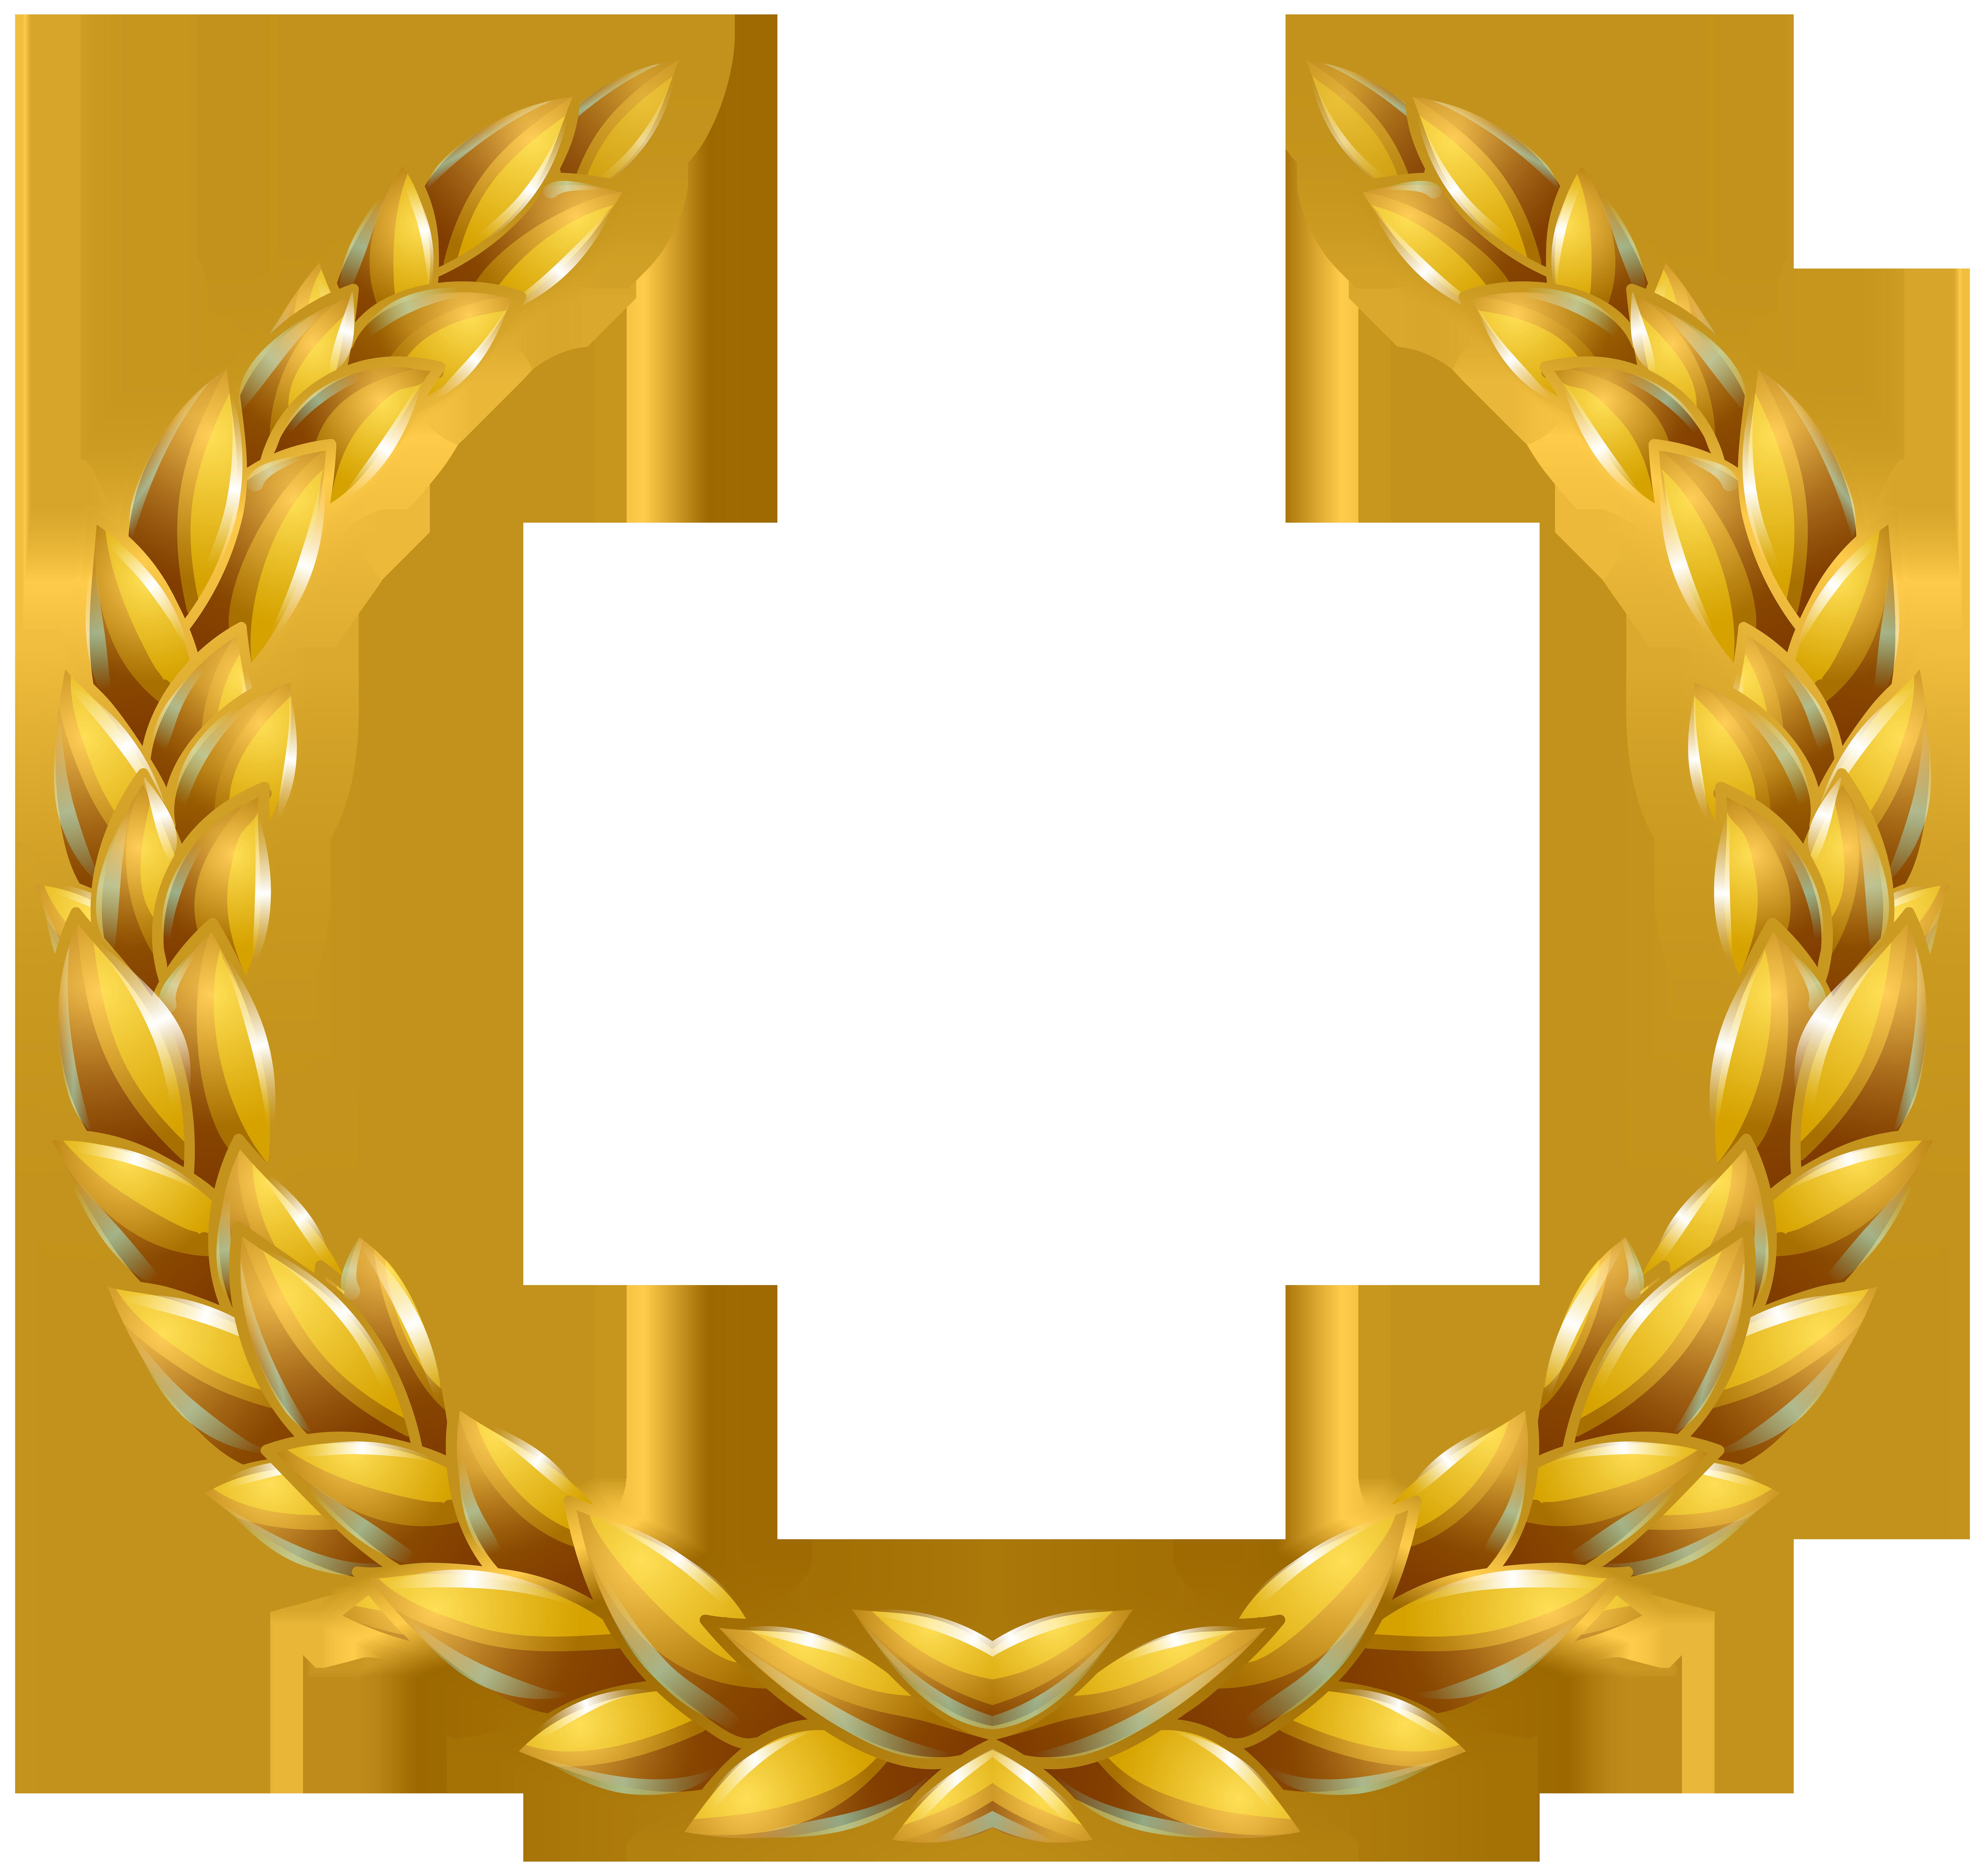 grains clipart wheat wreath